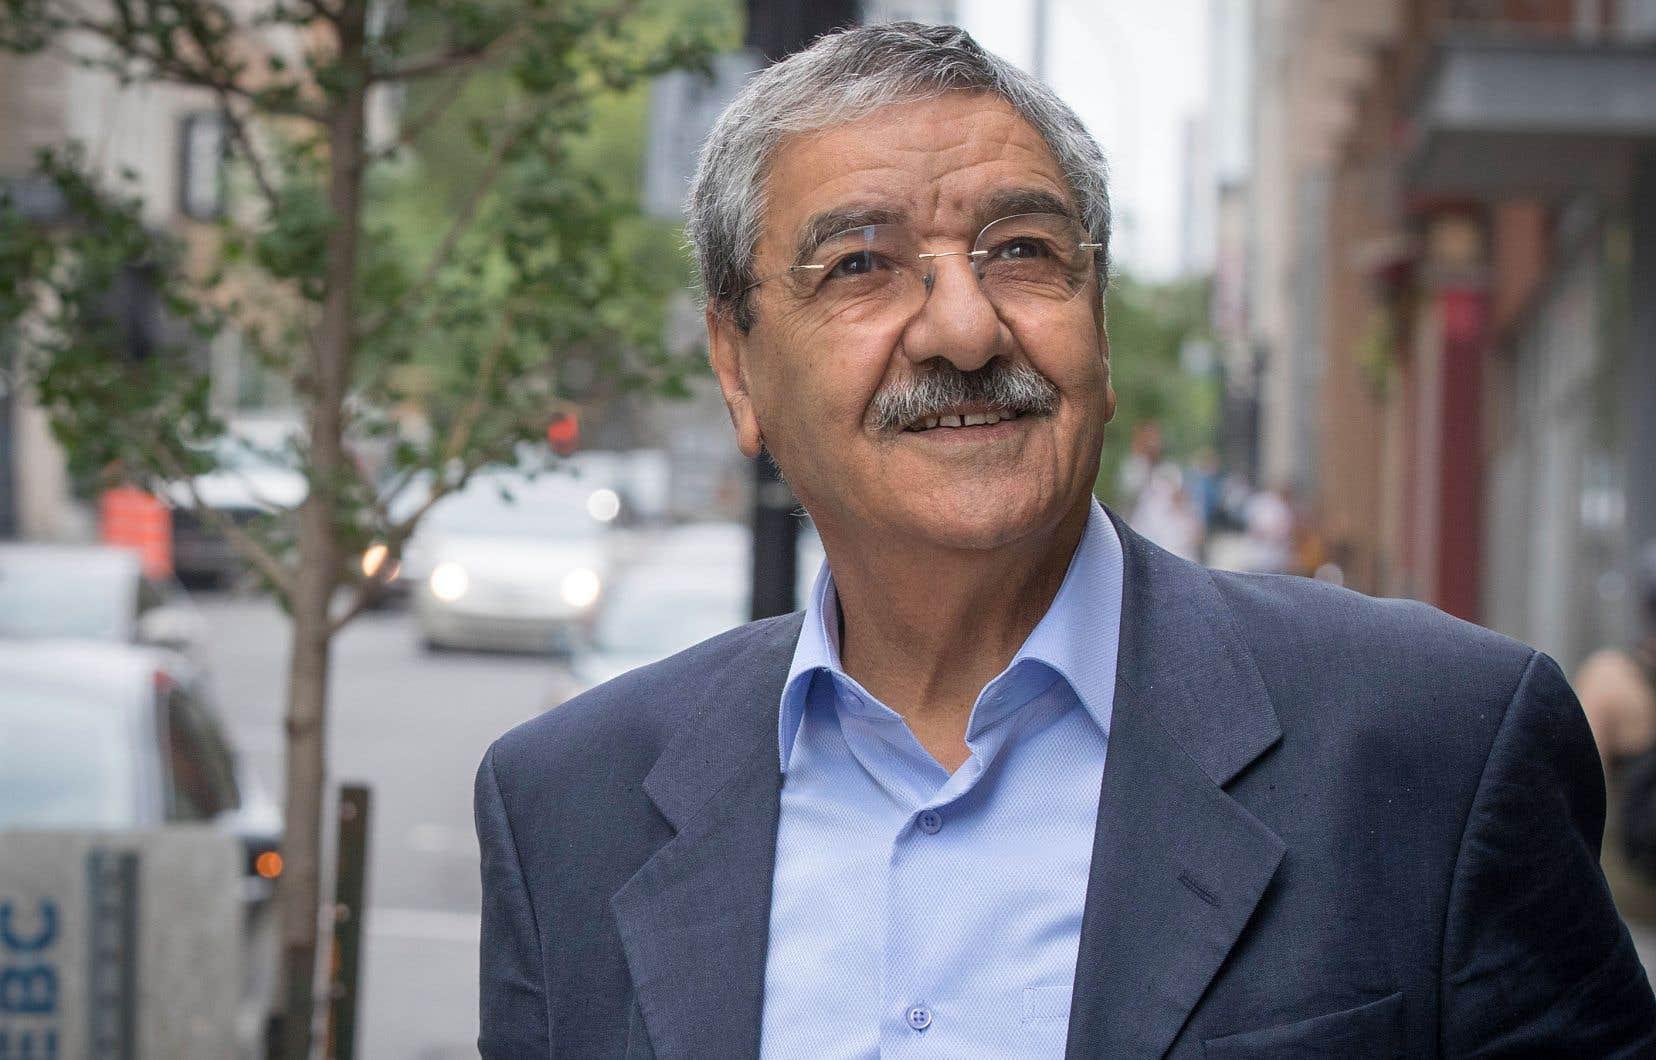 L'Algérie est au coeur d'un moment aussi historique que critique, dit le politicien algérien Saïd Sadi.